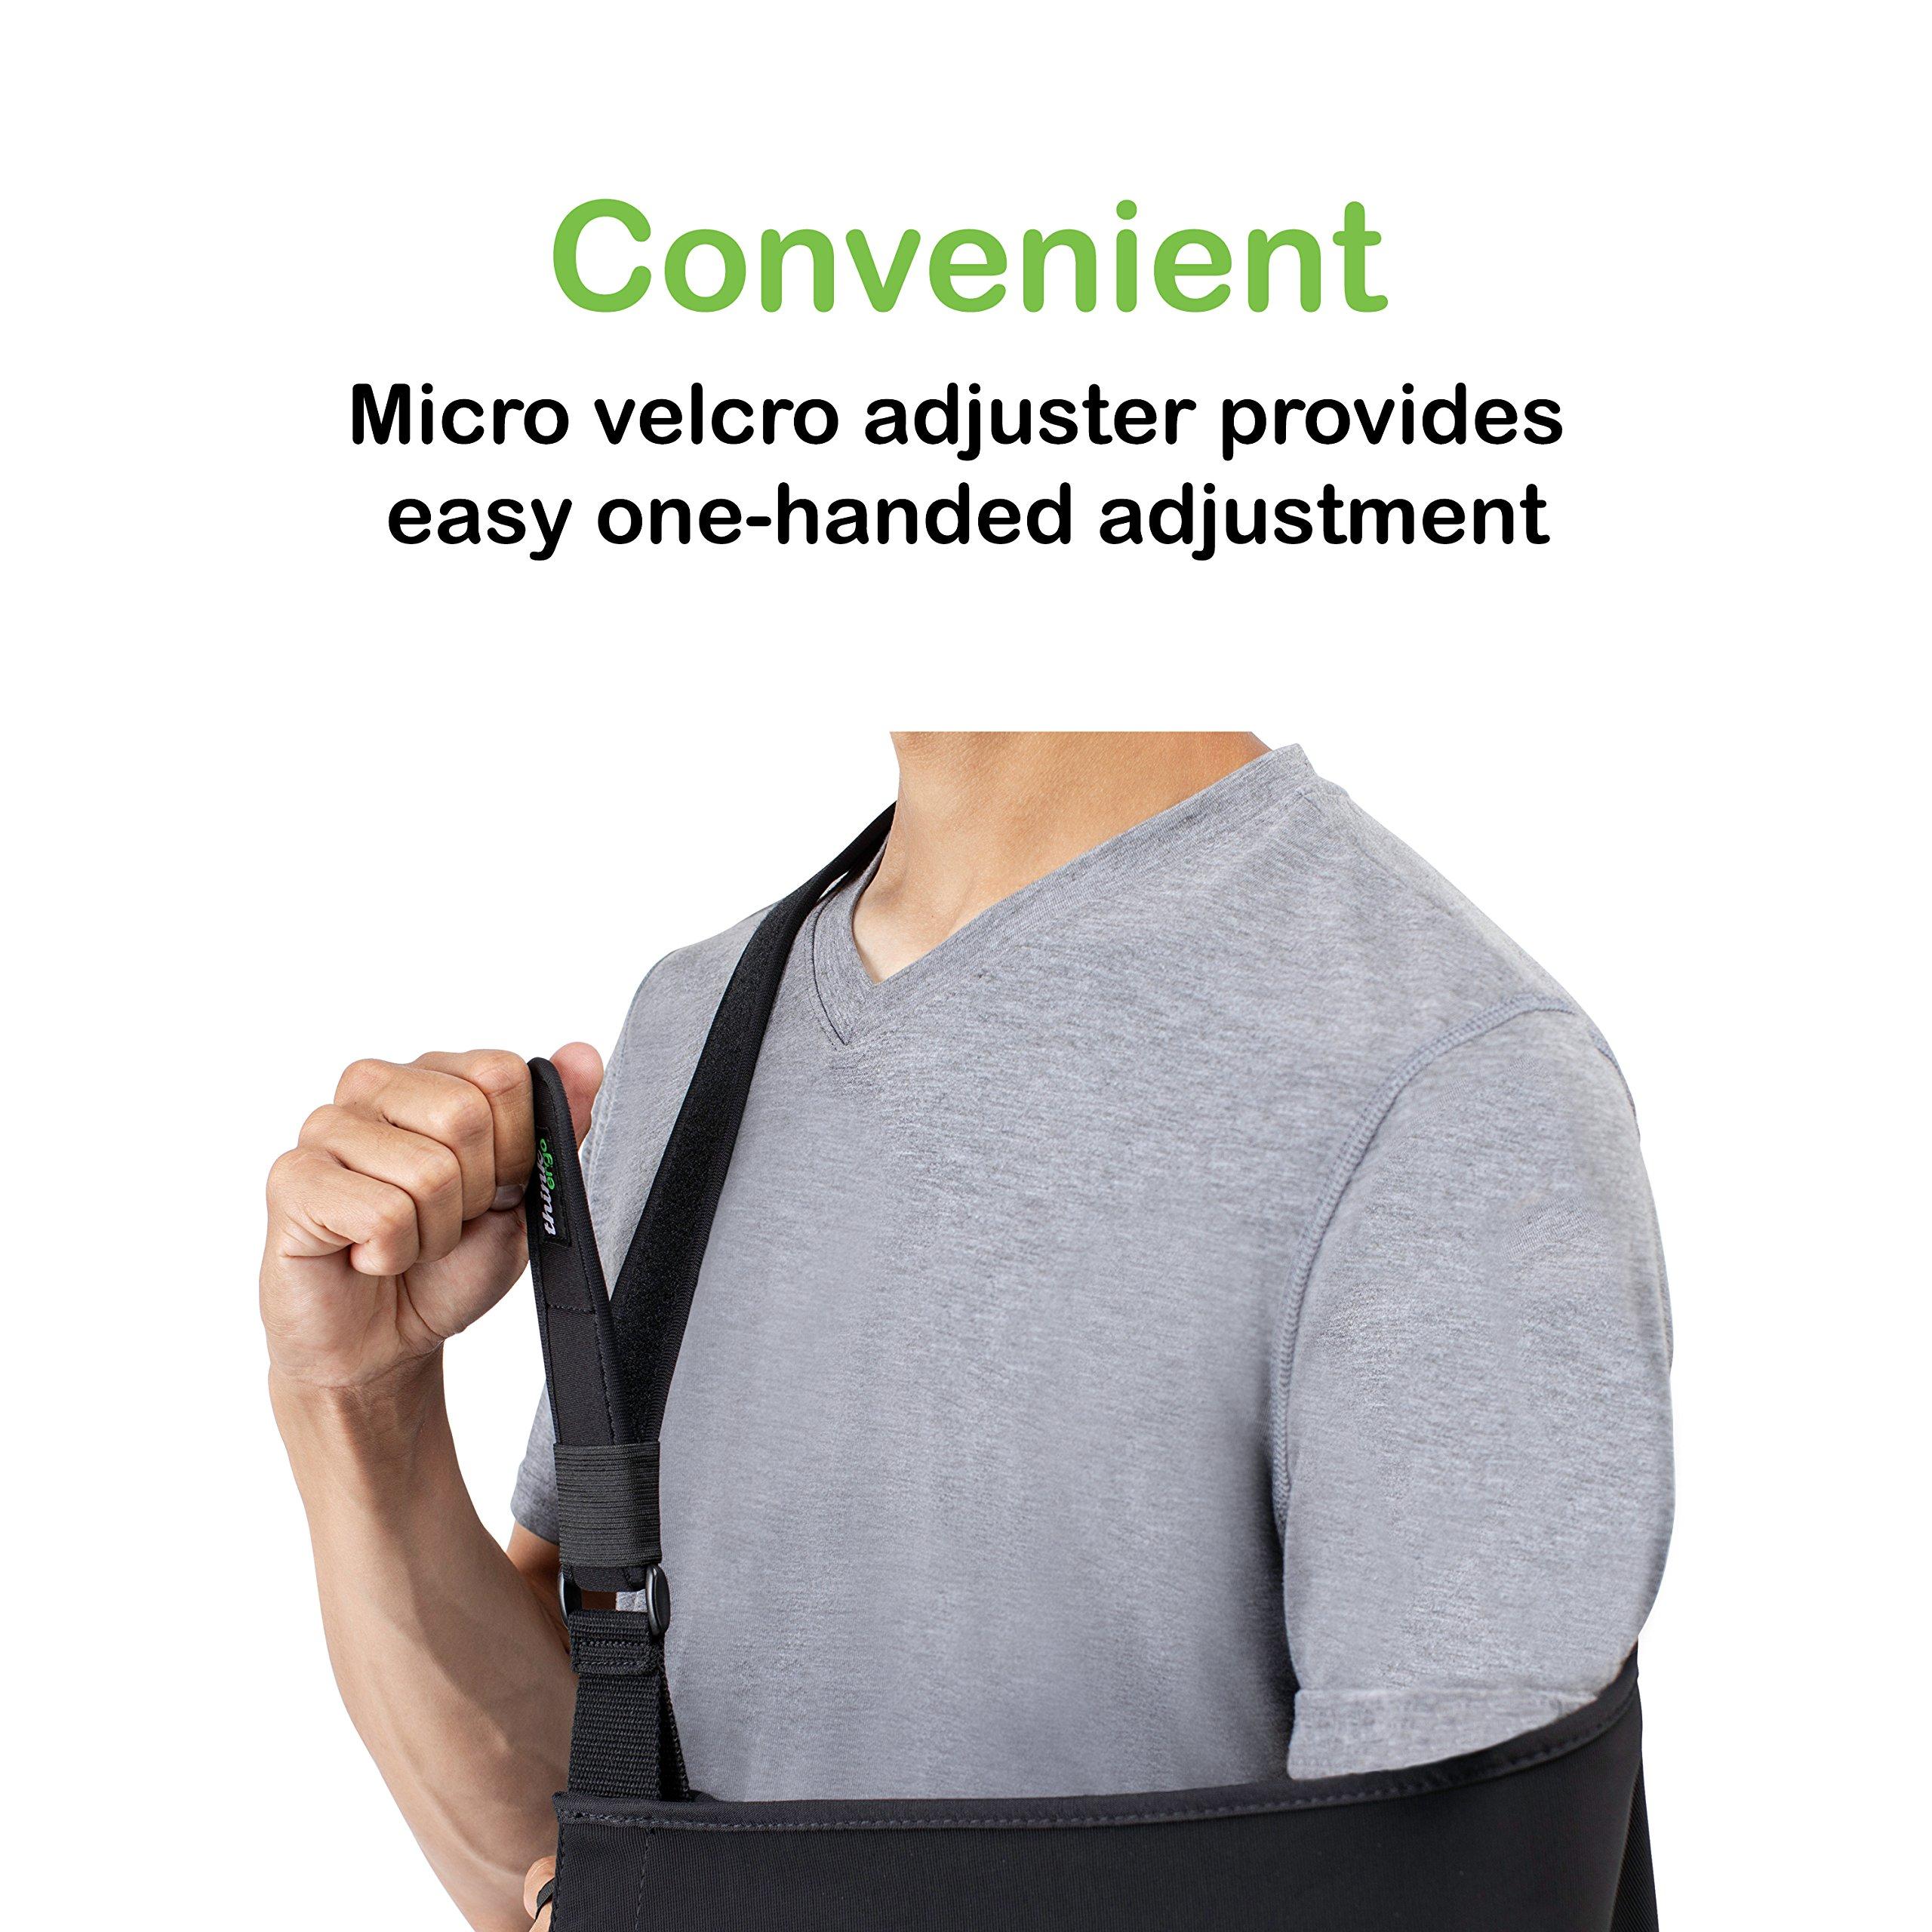 Think Ergo Arm Sling Sport - Lightweight, Breathable, Ergonomically Designed Medical Sling for Broken & Fractured Bones - Adjustable Arm, Shoulder & Rotator Cuff Support (Adult) by Think Ergo (Image #5)